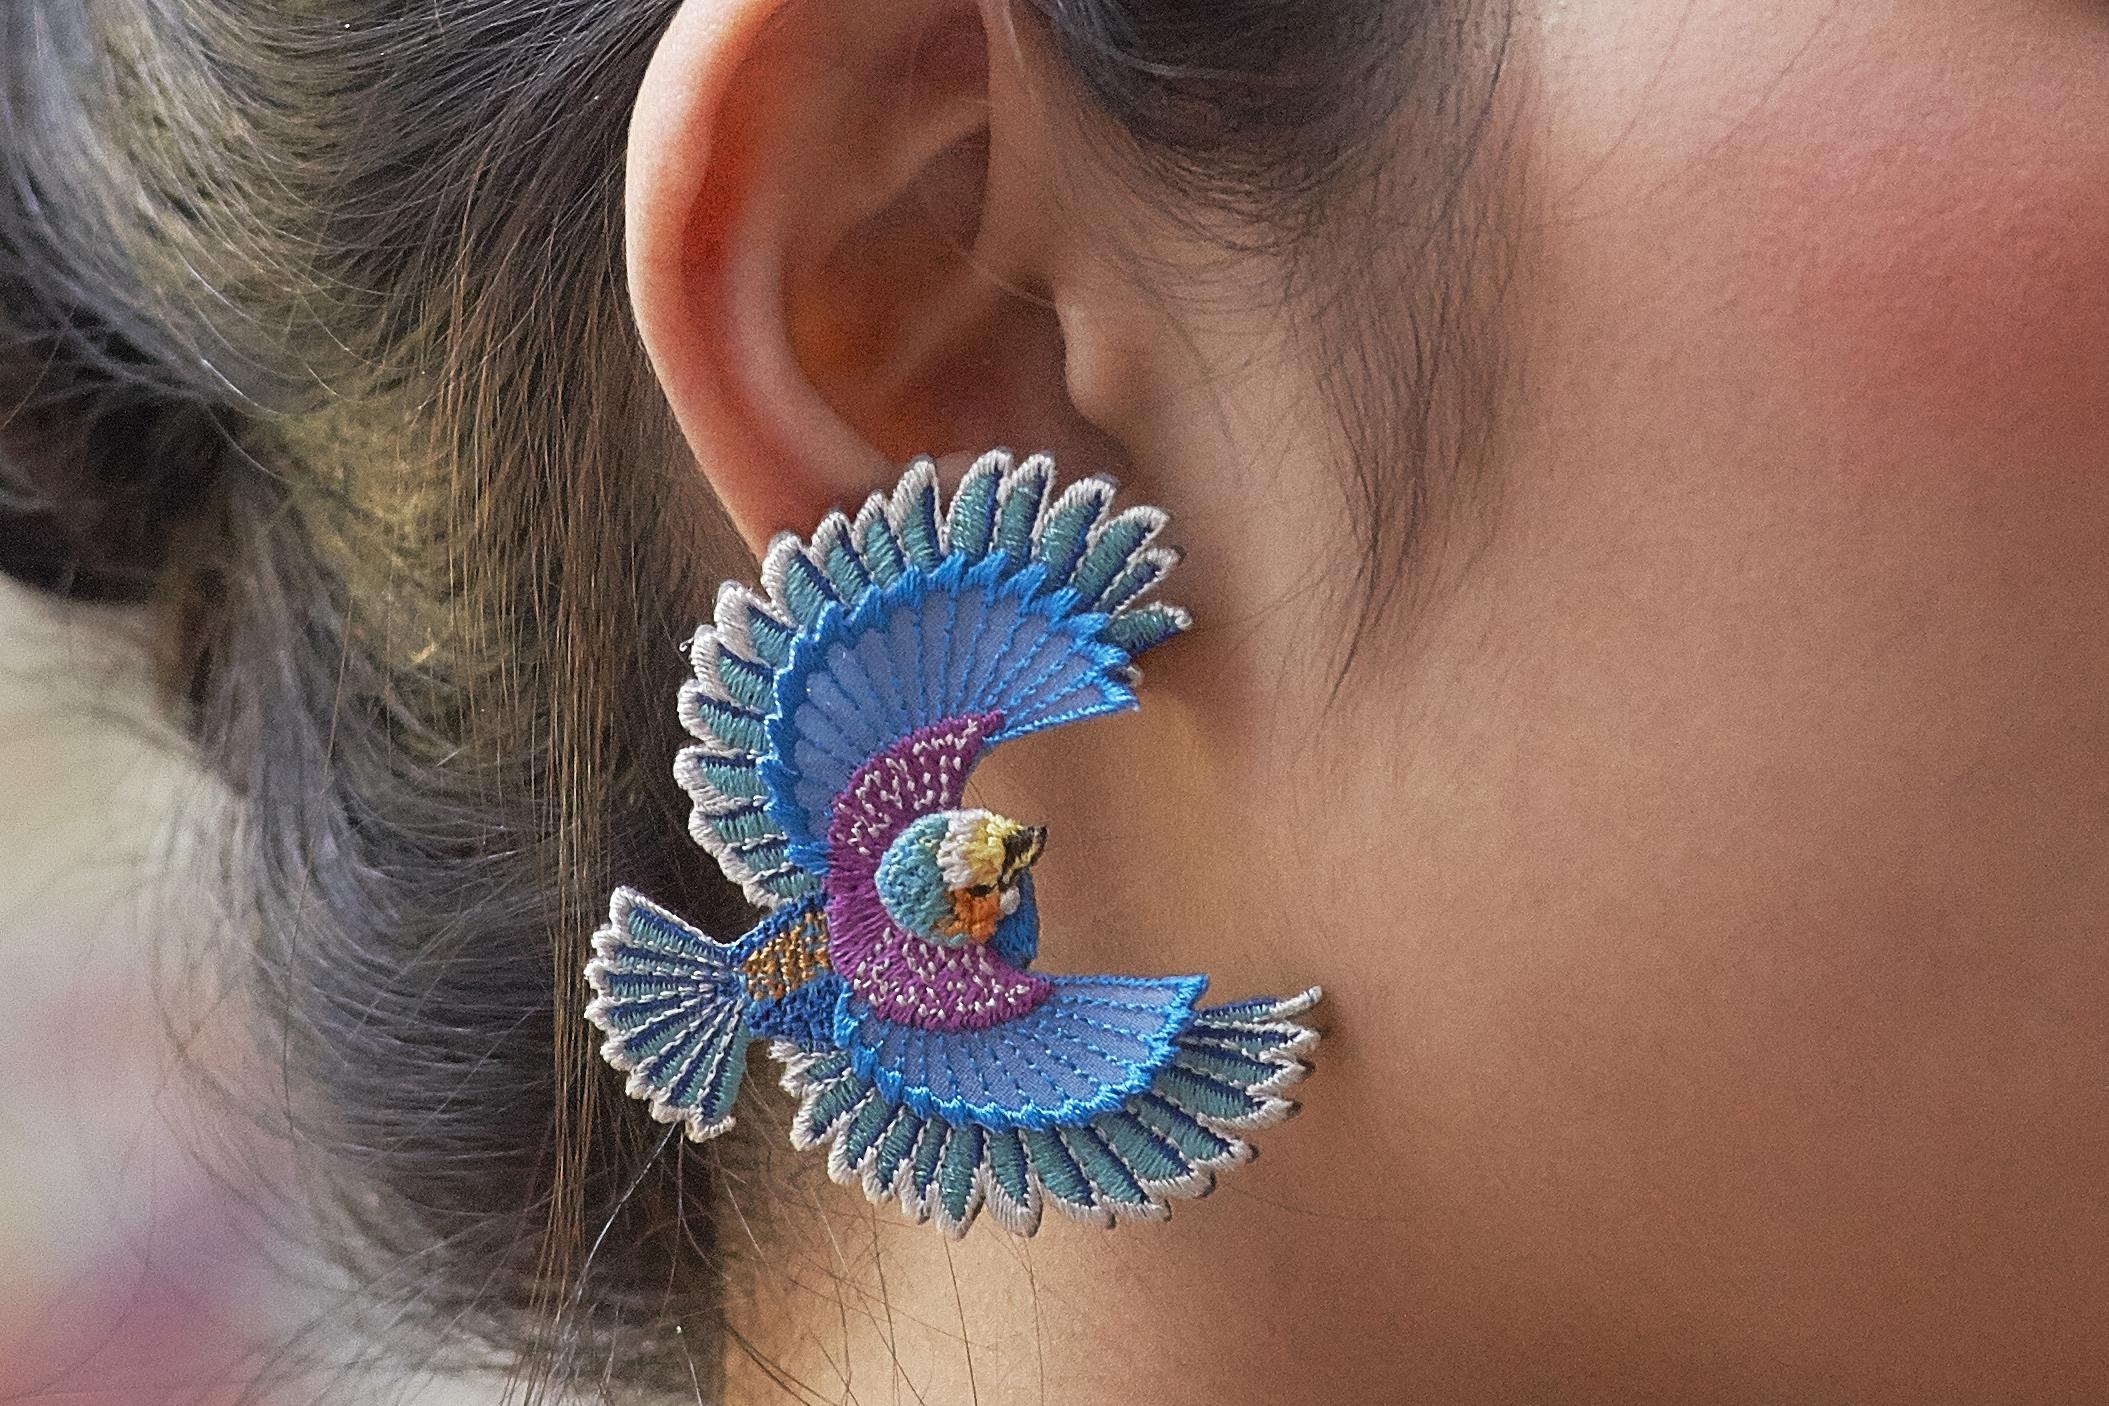 ARRO / 刺繍 片耳ピアス・イヤリング・イヤークリップ / Flying bird / blue